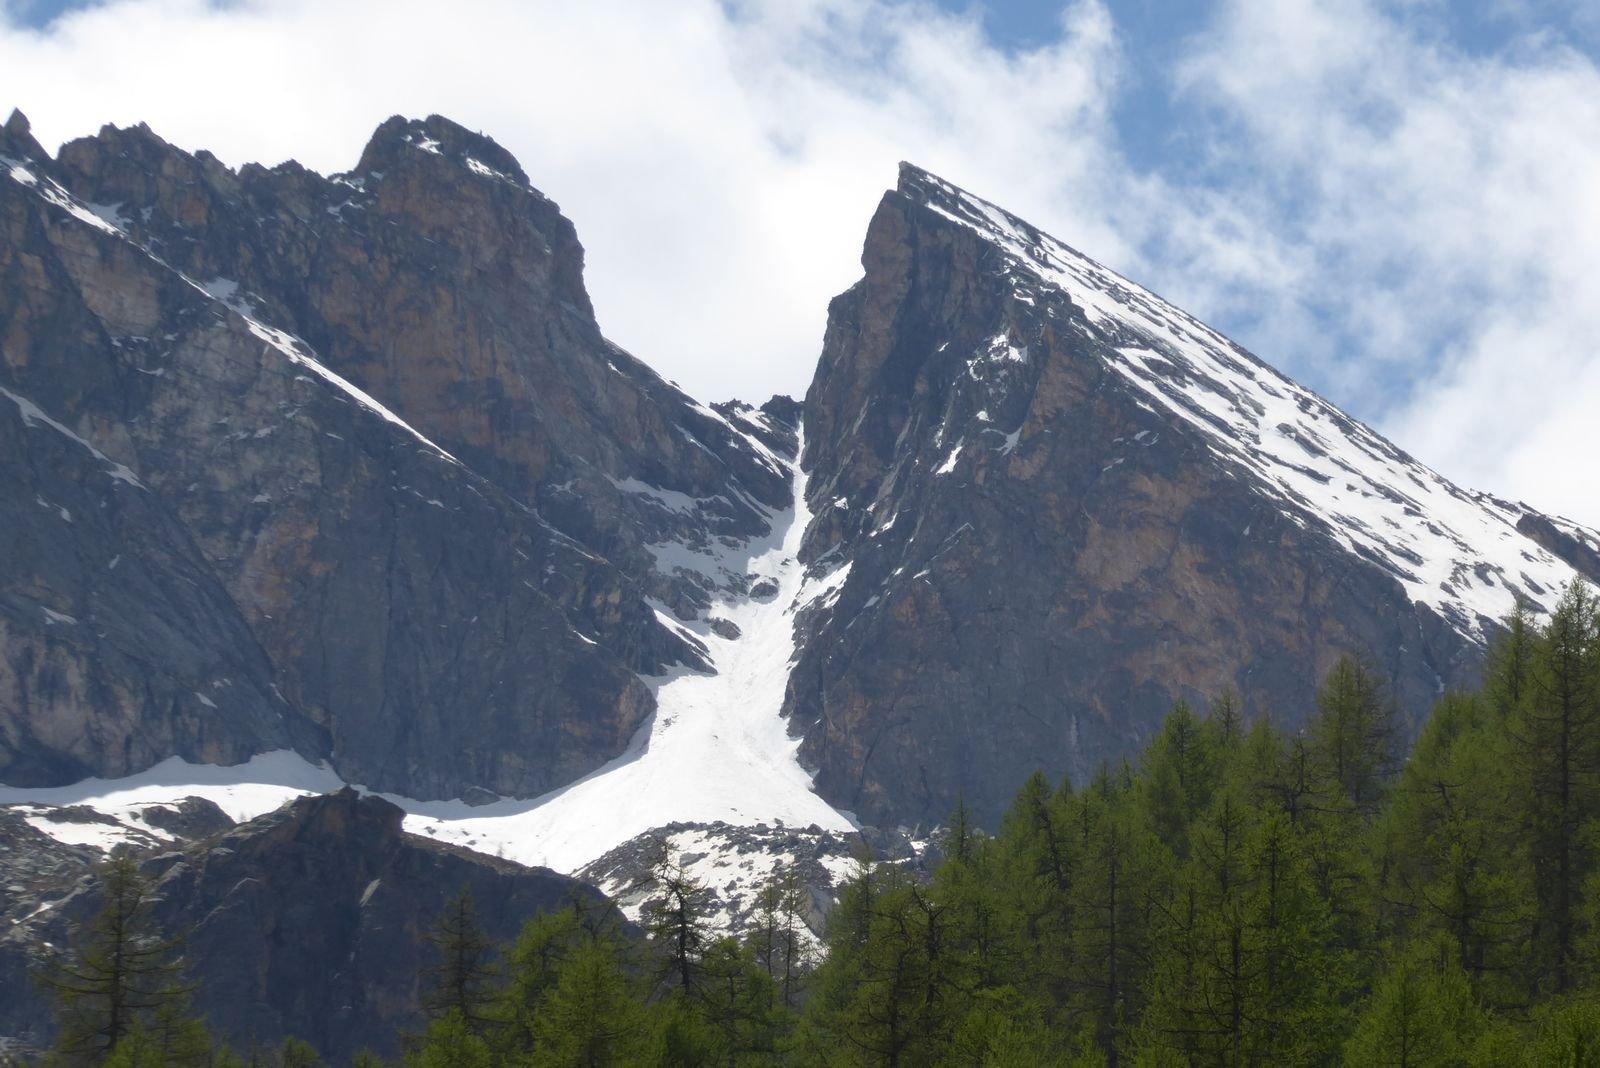 il canalino nord di rocca gialeo fra la rocca gialeo a sx e il pic des sagneres a dx, visto dal parcheggio al ritorno